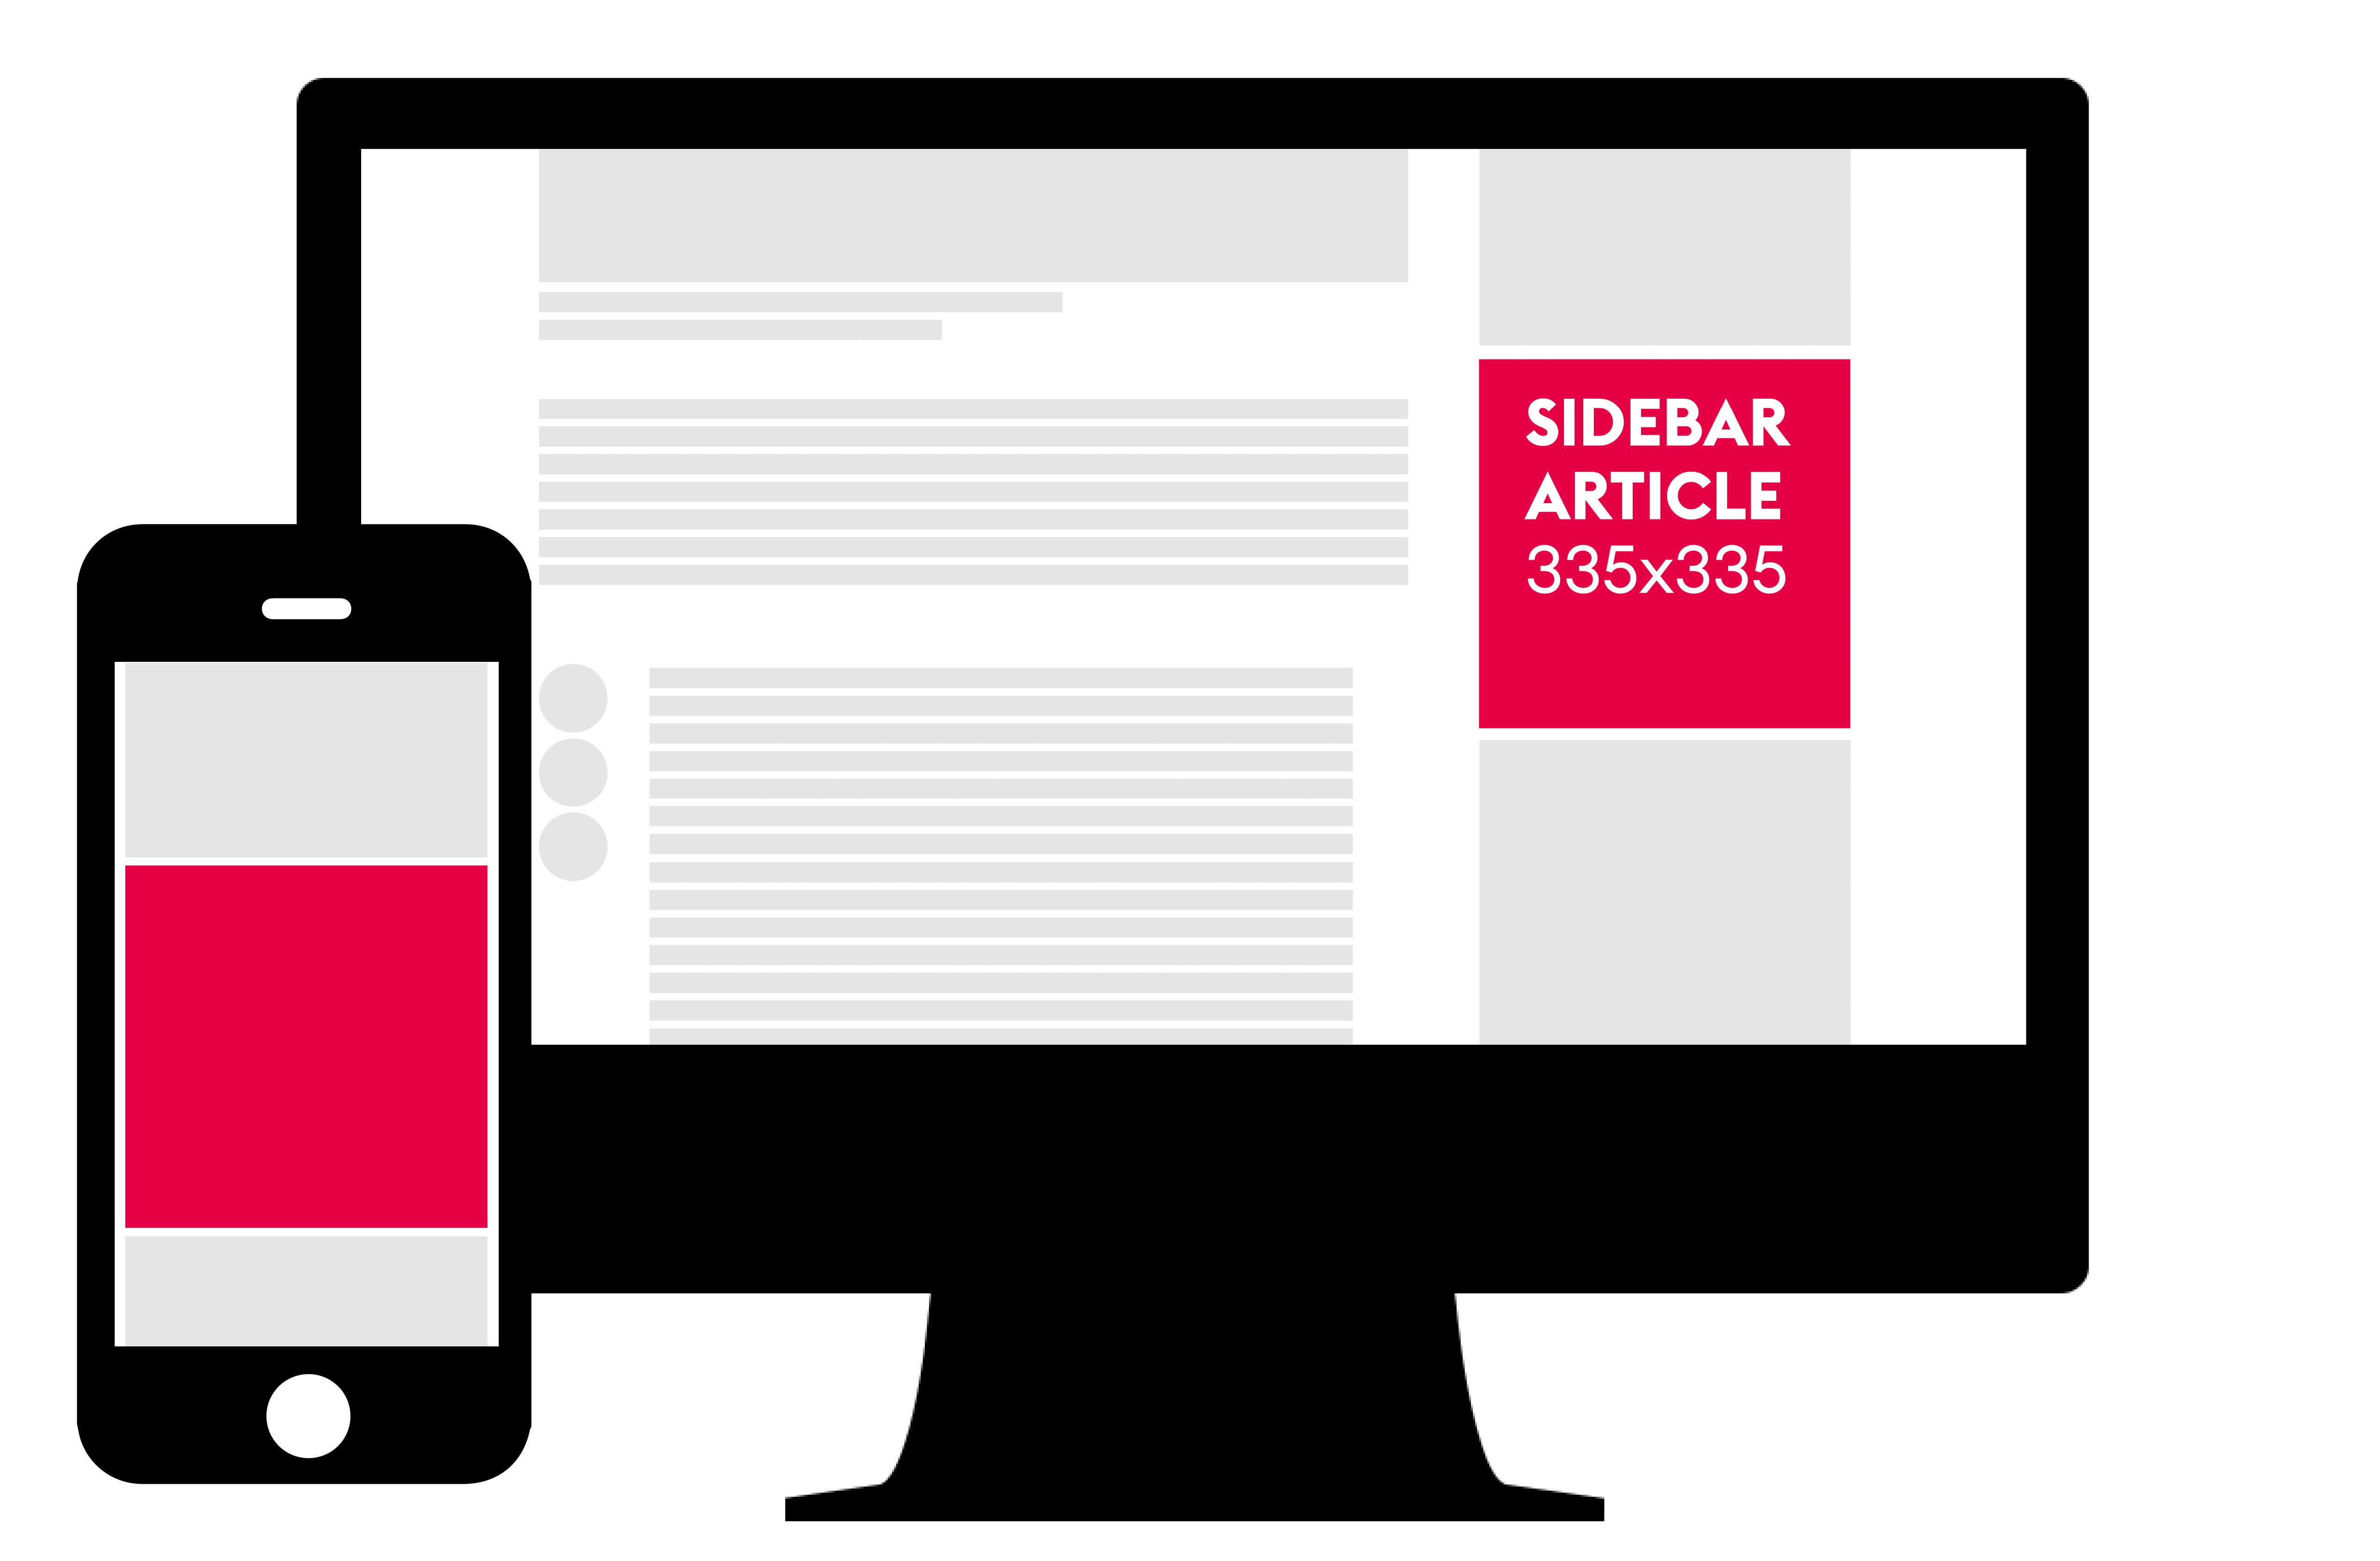 SIDEBAR ARTICLE